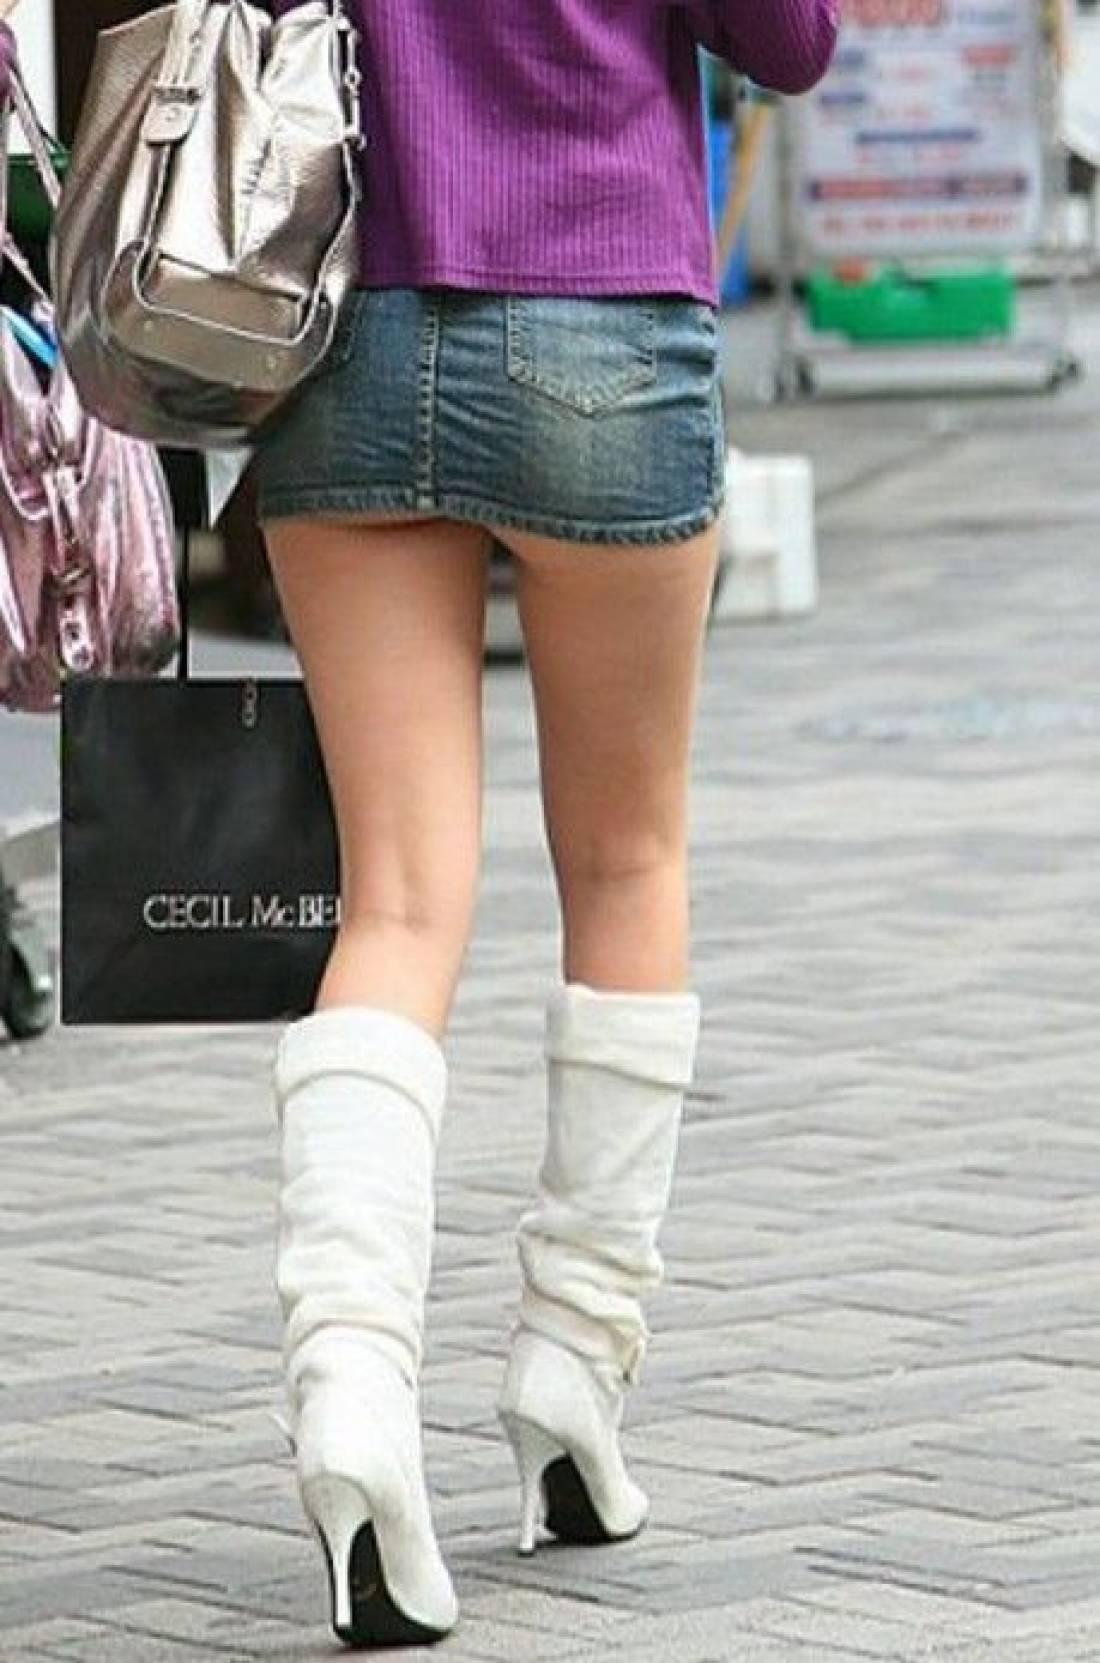 【ミニスカエロ画像】美脚とパンチラの予感に惹かれるデニミニ下半身www 08